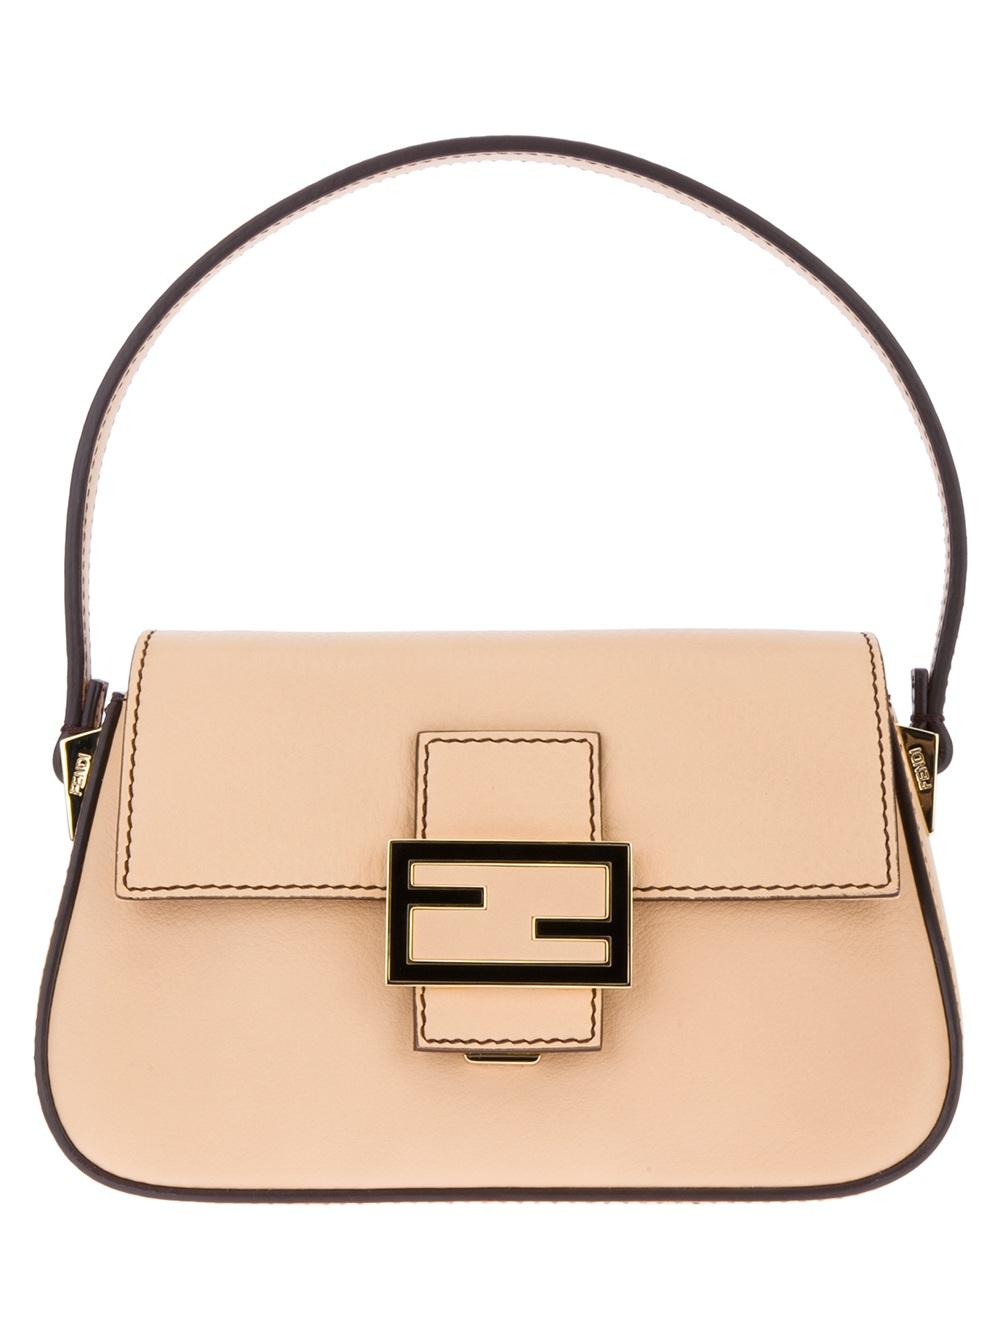 discount fendi canvas bag lyst handbags fc74e 81ff5 97f7313927791